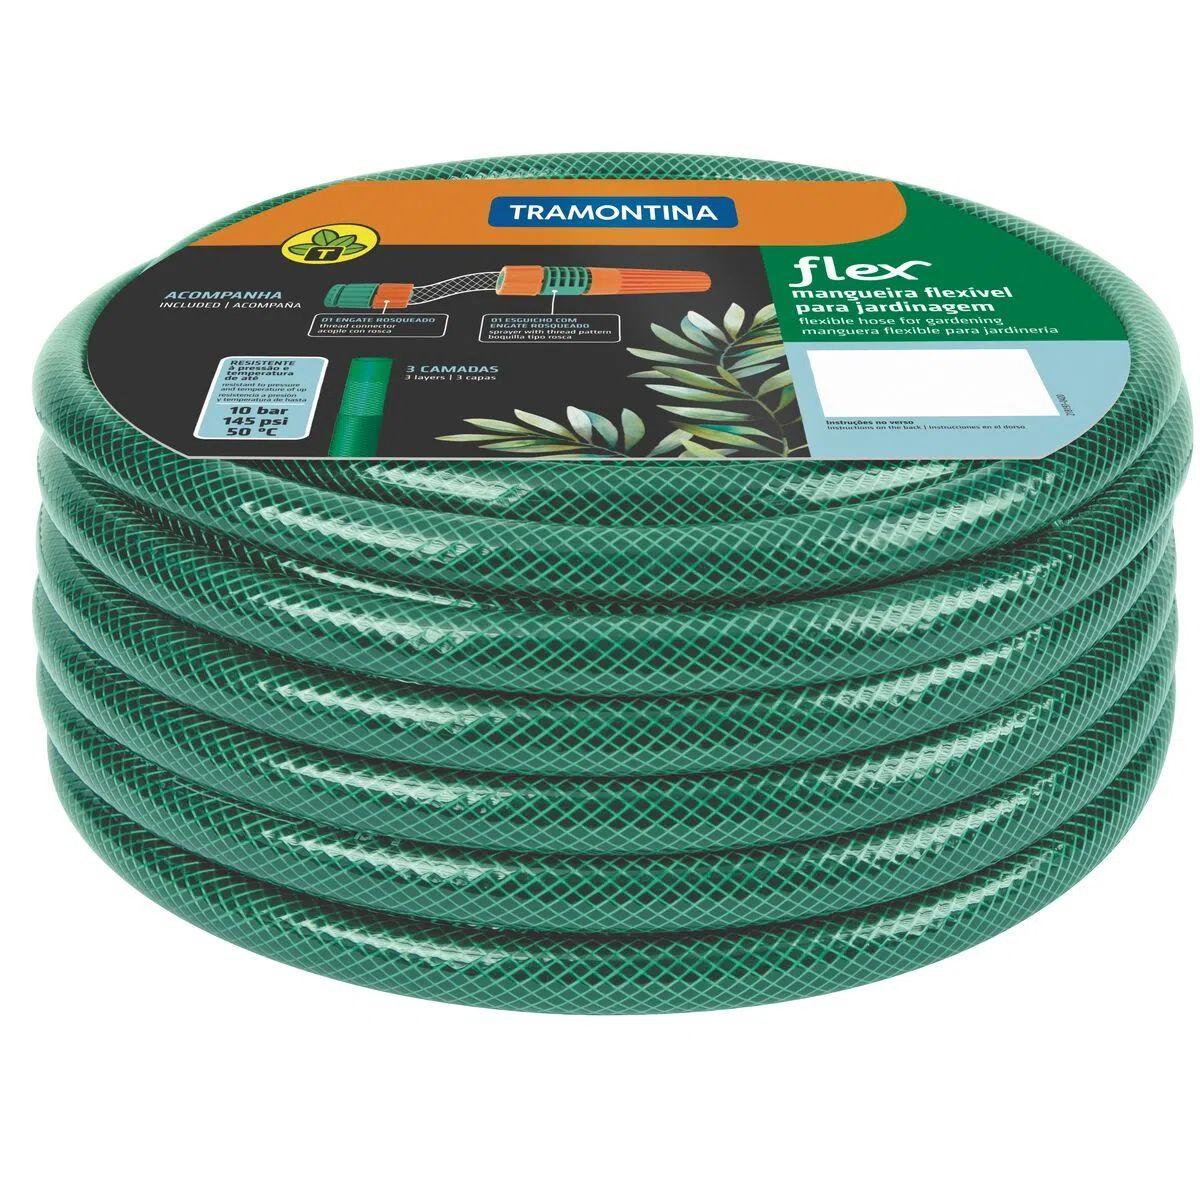 Mangueira Flex Tramontina Verde em PVC 3 Camadas 25 m com Engate Rosqueado e Esguicho